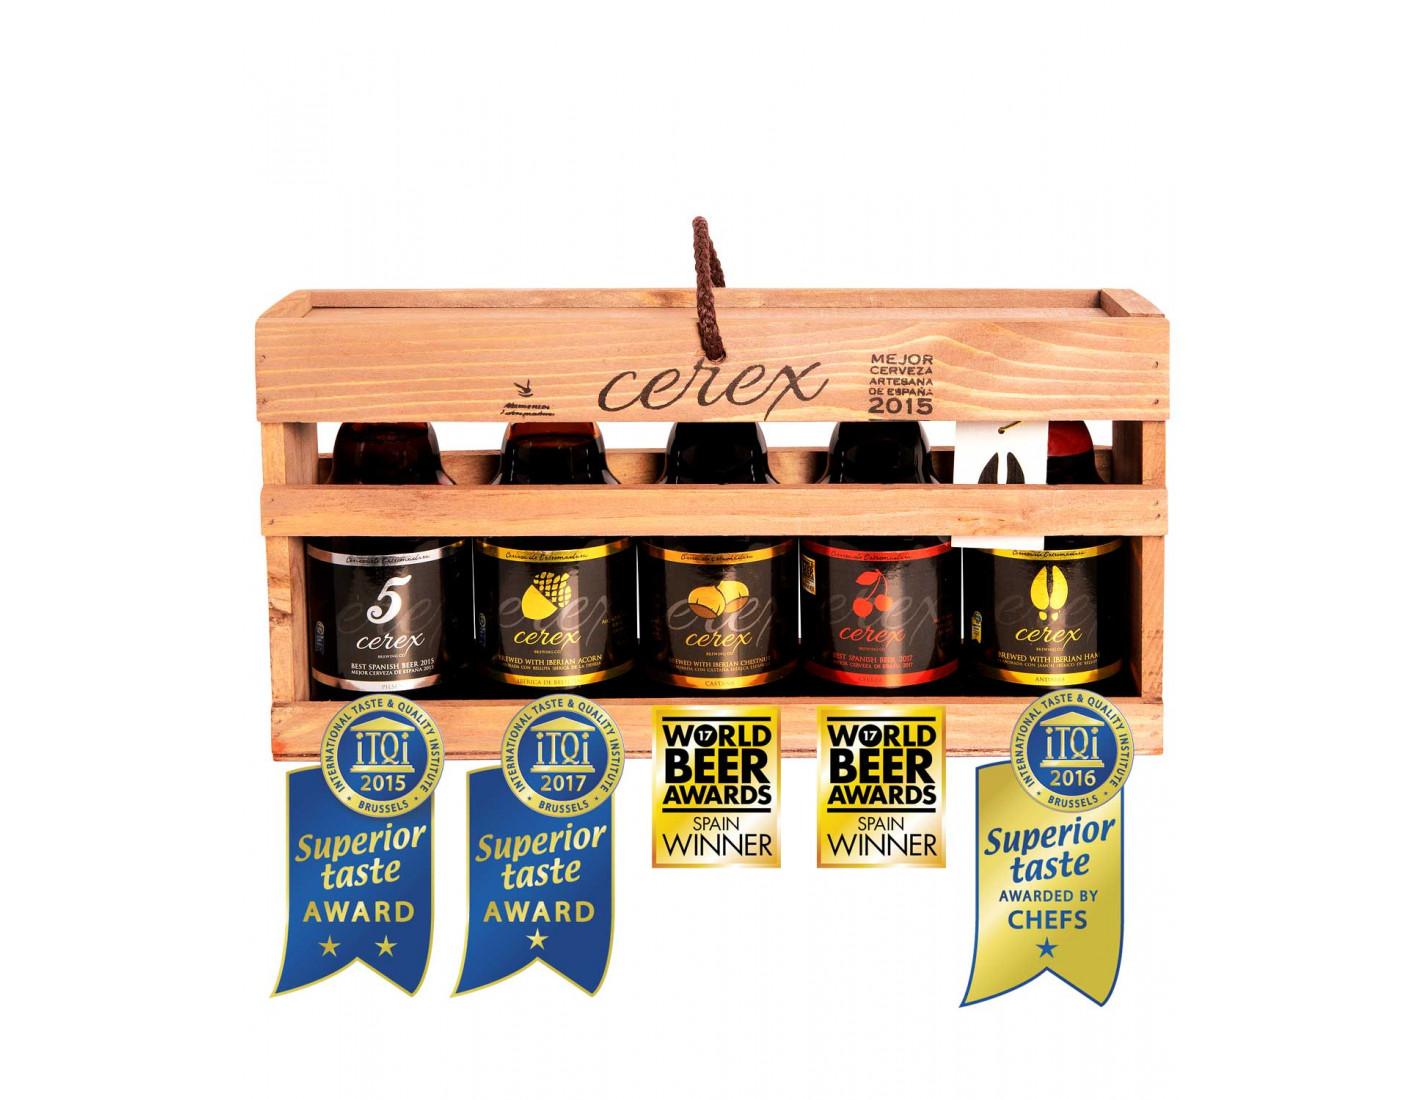 Caja Regalo presentación en madera 5 cervezas artesanales Cerex 33 cl (Pilsen, Ibérica de Bellota, Cereza, Castaña, Andares)